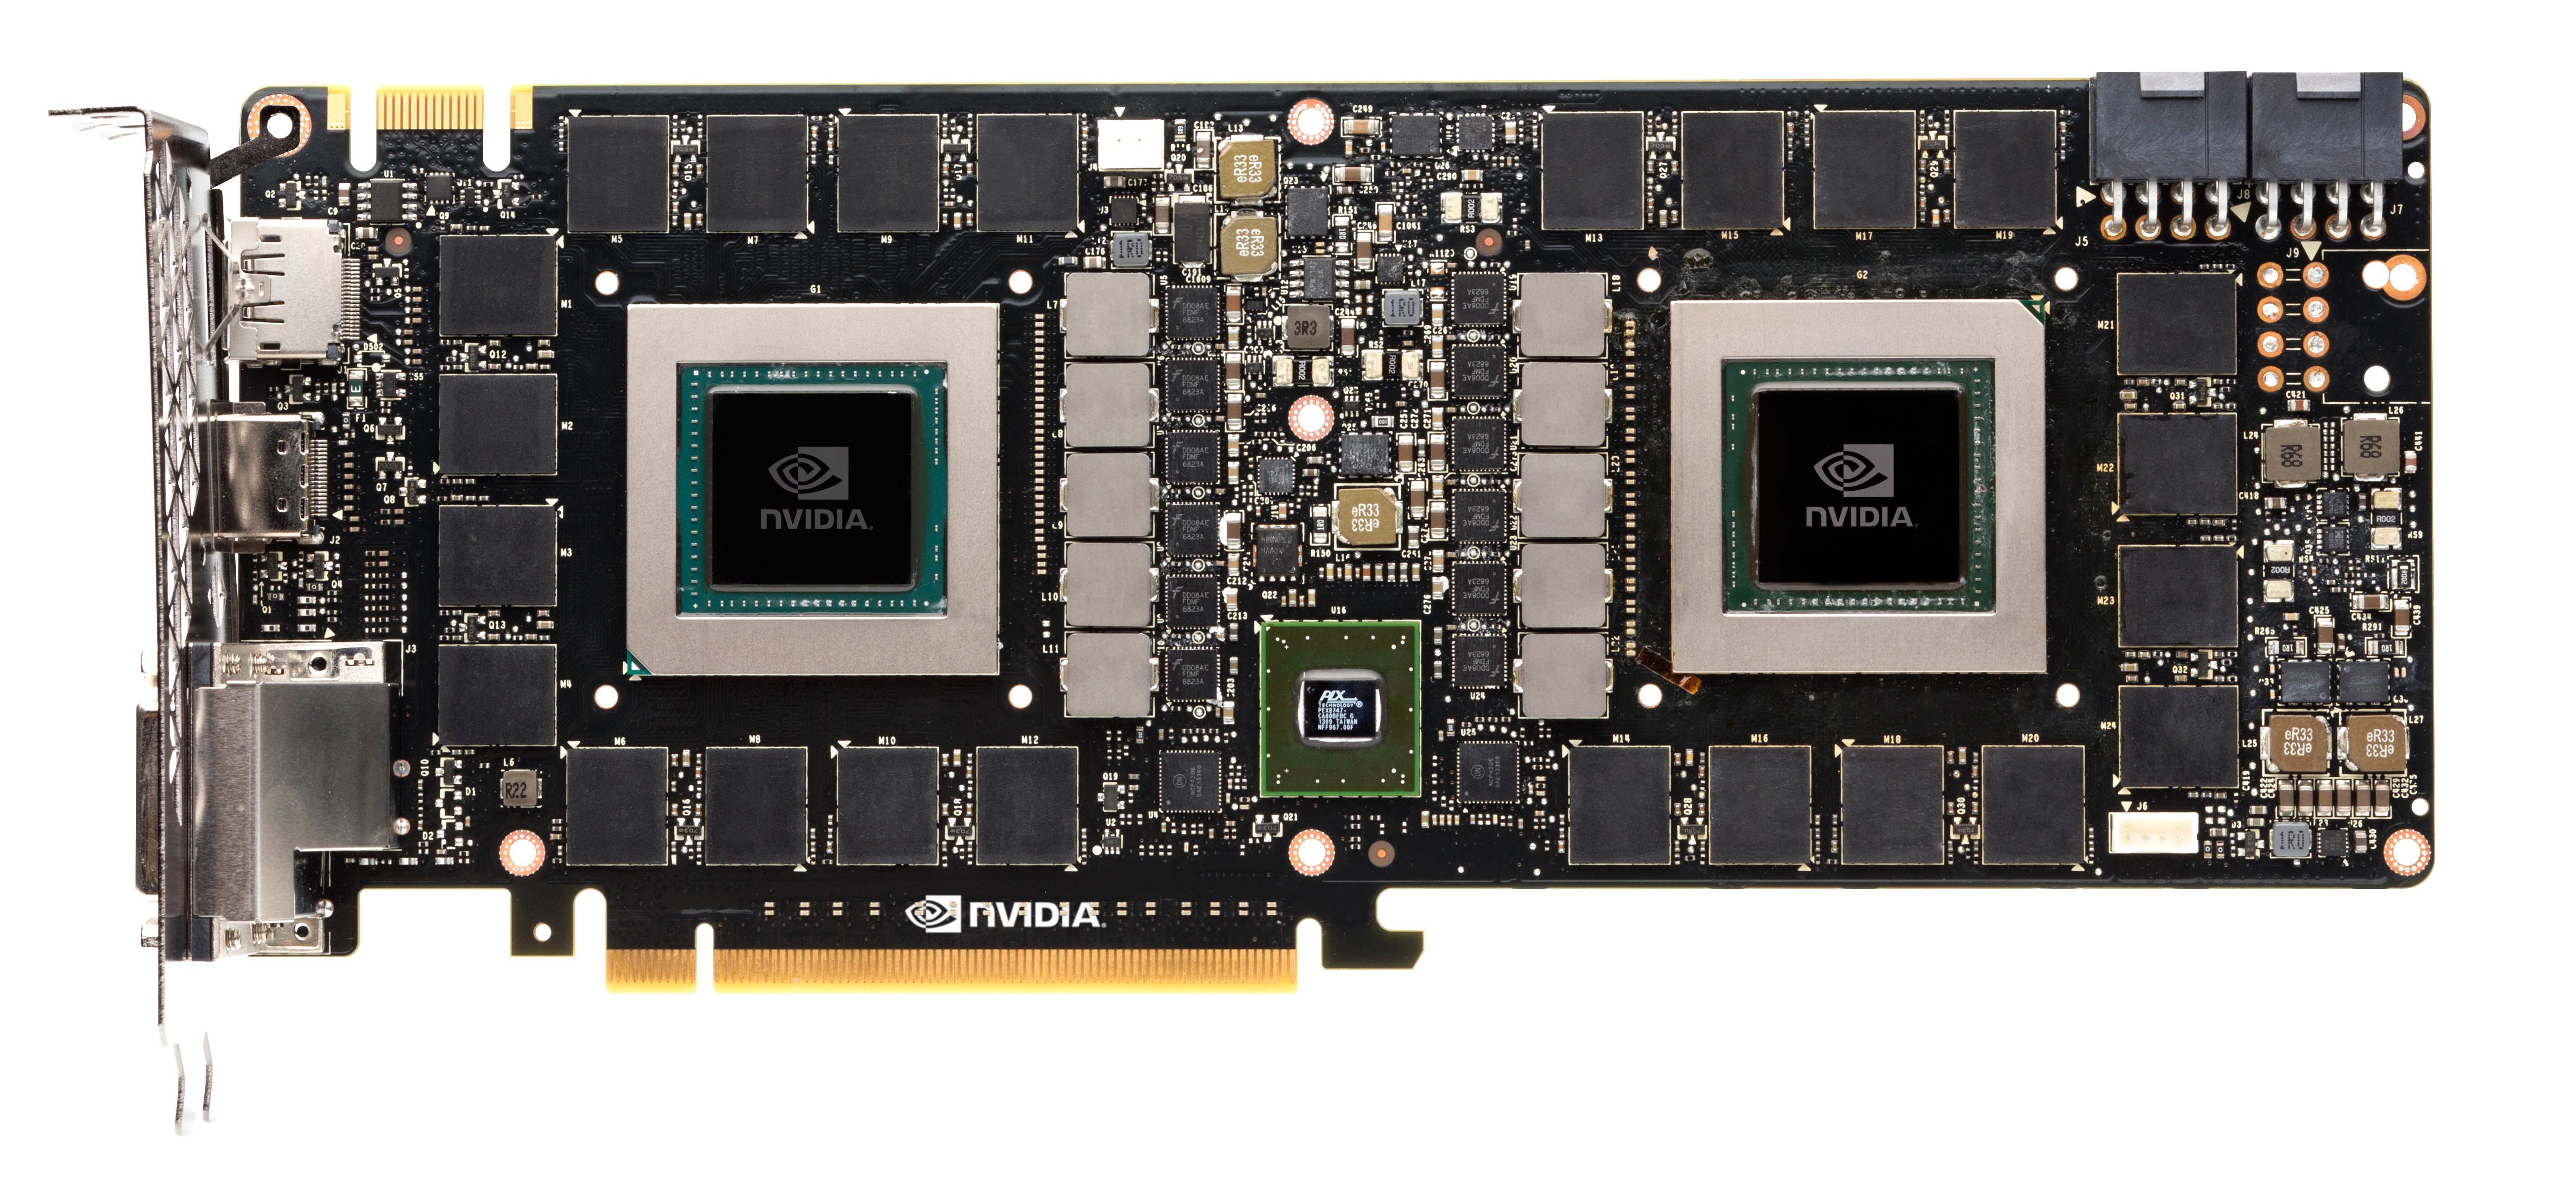 Msi nvidia geforce gtx 780